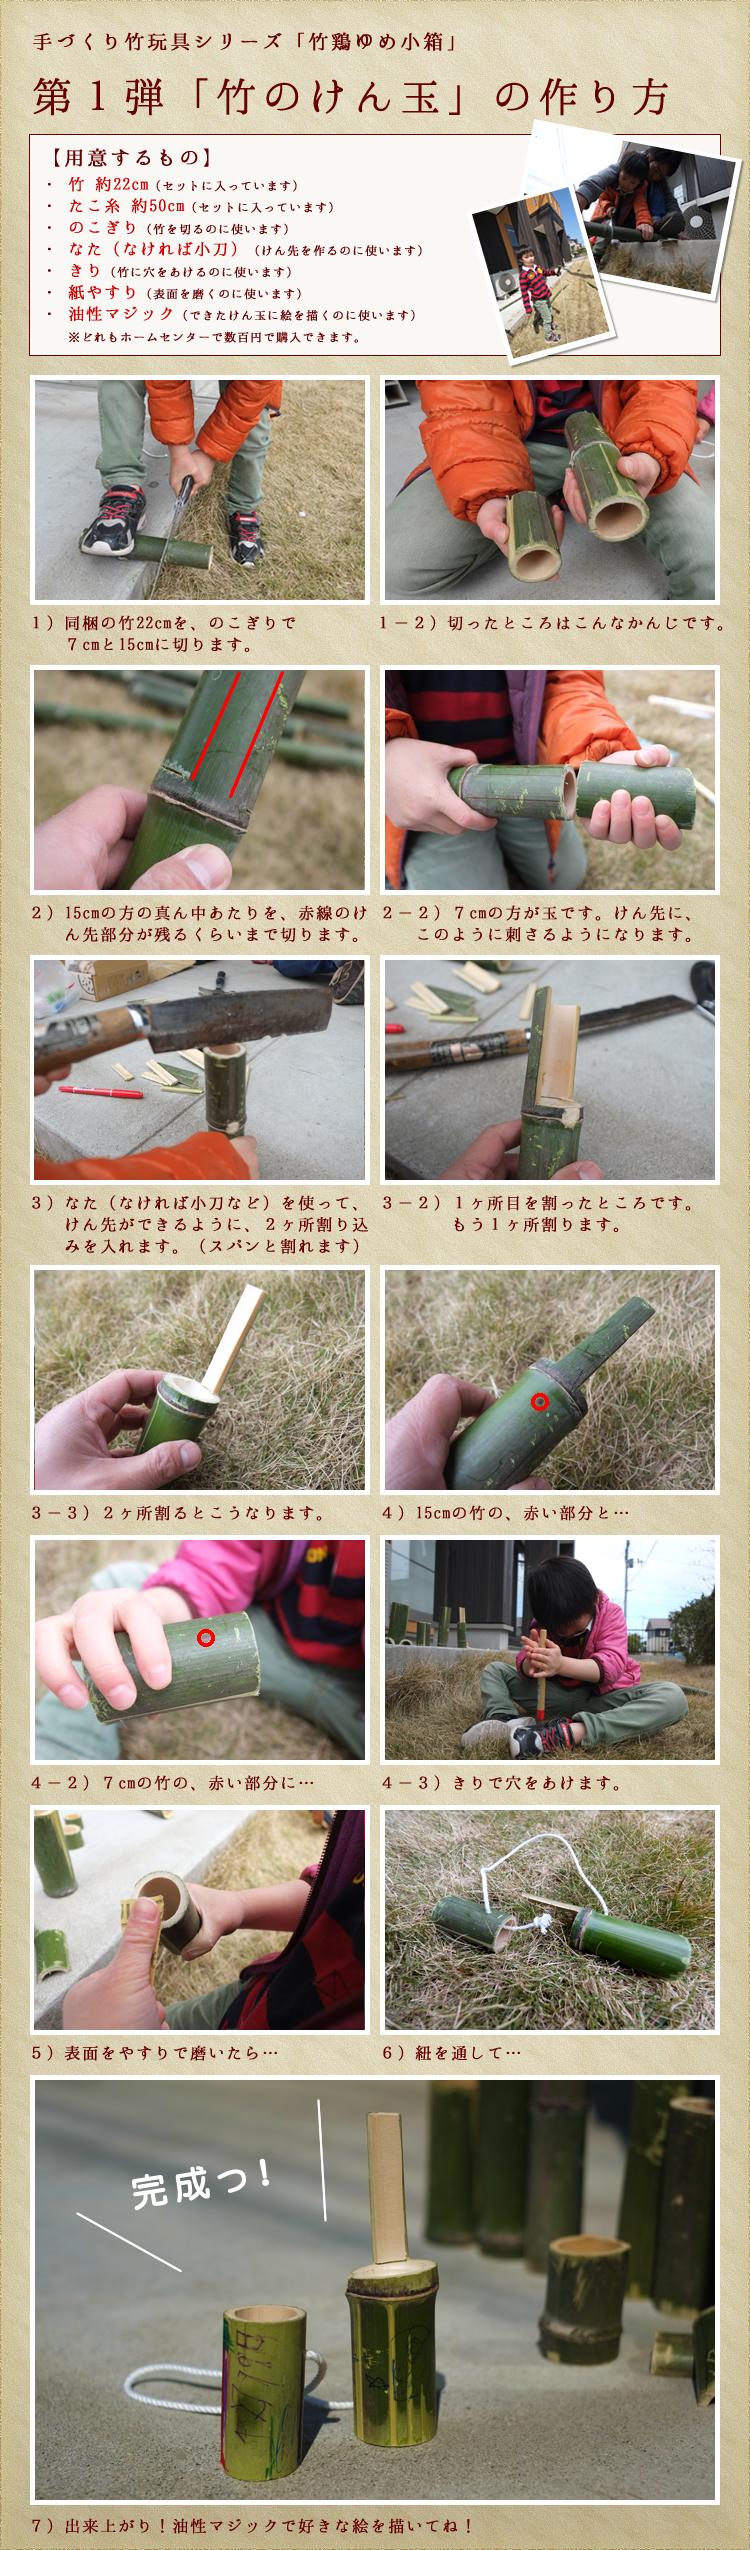 竹のけん玉の作り方